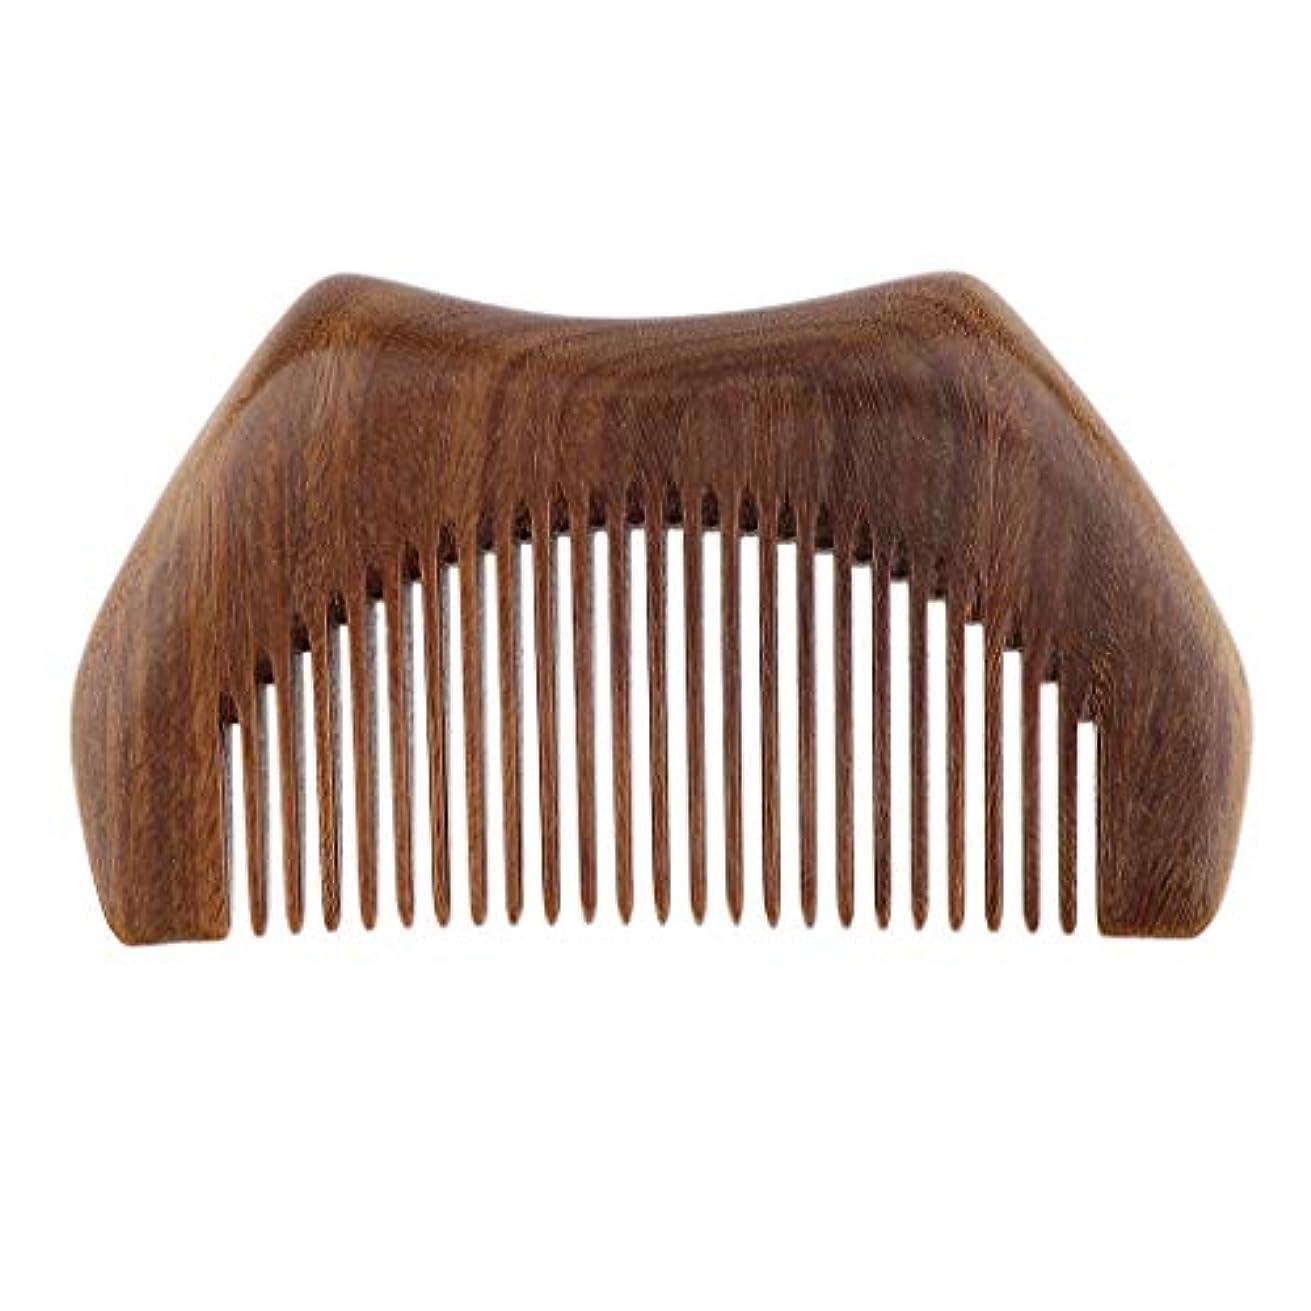 責問い合わせるのどToygogo ポケットサイズグルーミング木製ヘアコーム|髪をほぐすためのプレミアムファインティース/ひげ/ひげ/口ひげ